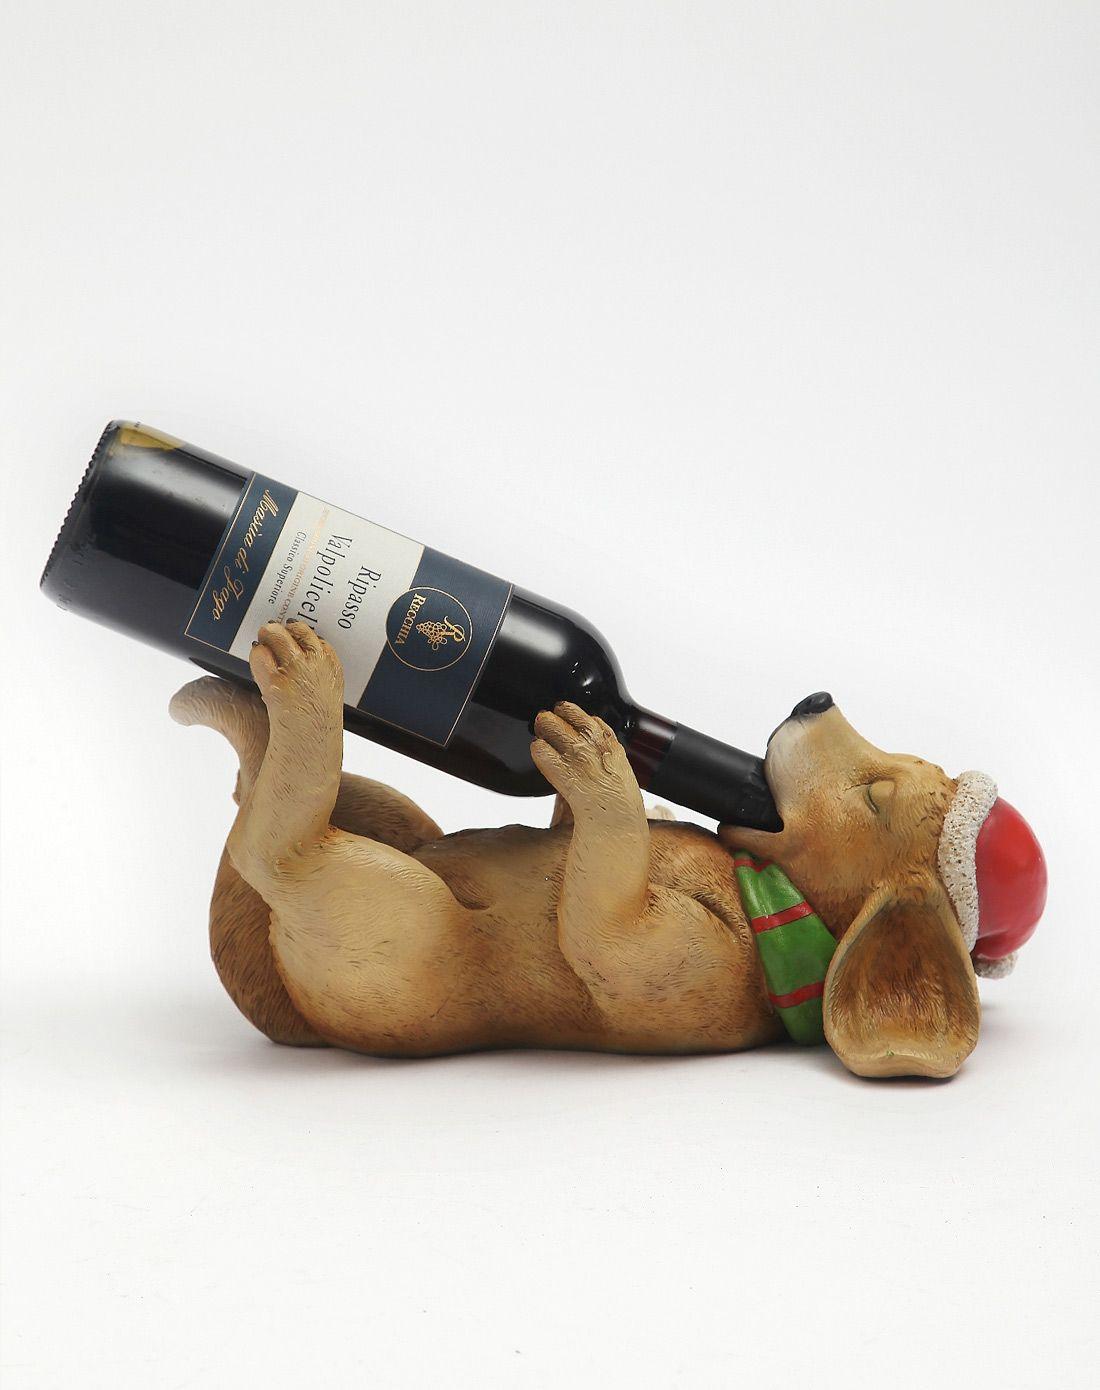 狗手绘树脂造型红酒架2